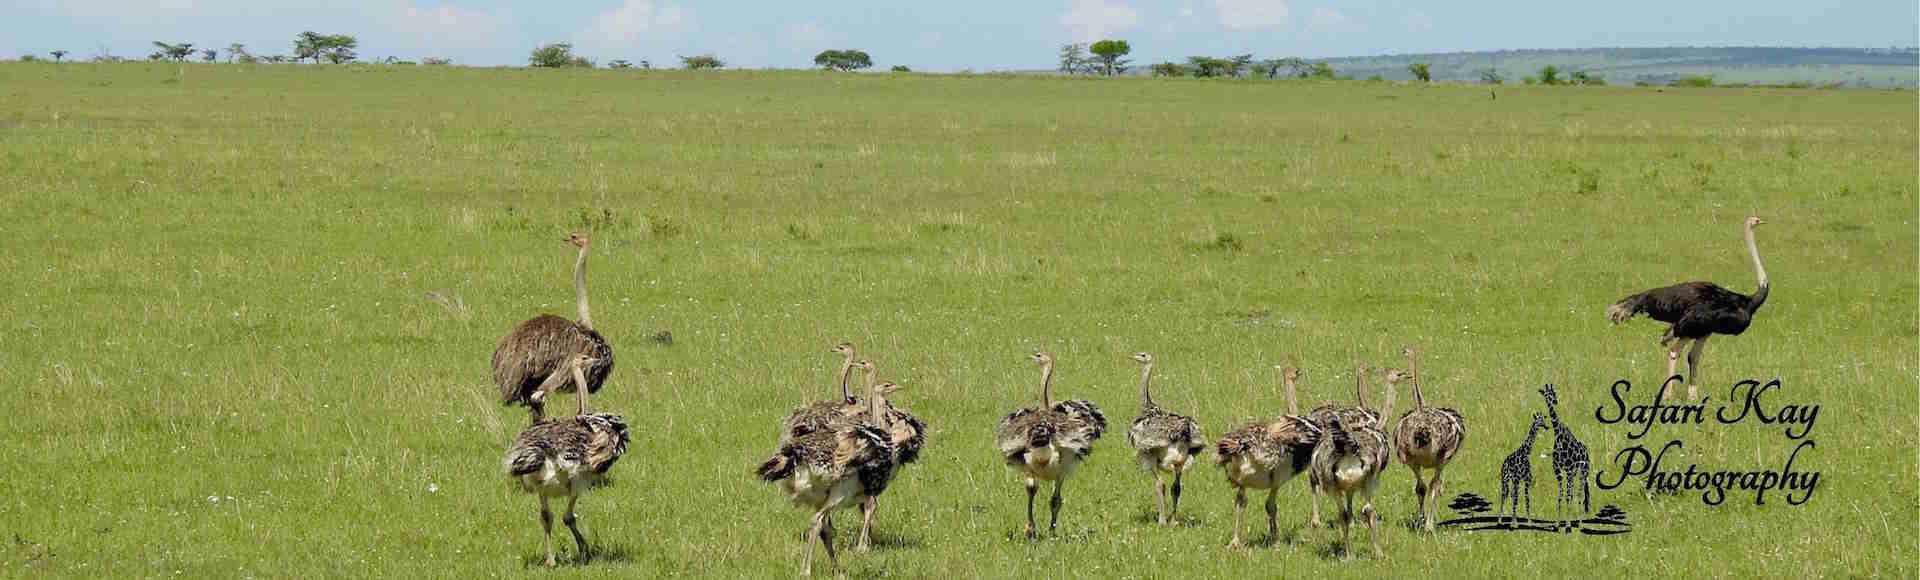 An  ostrich  family